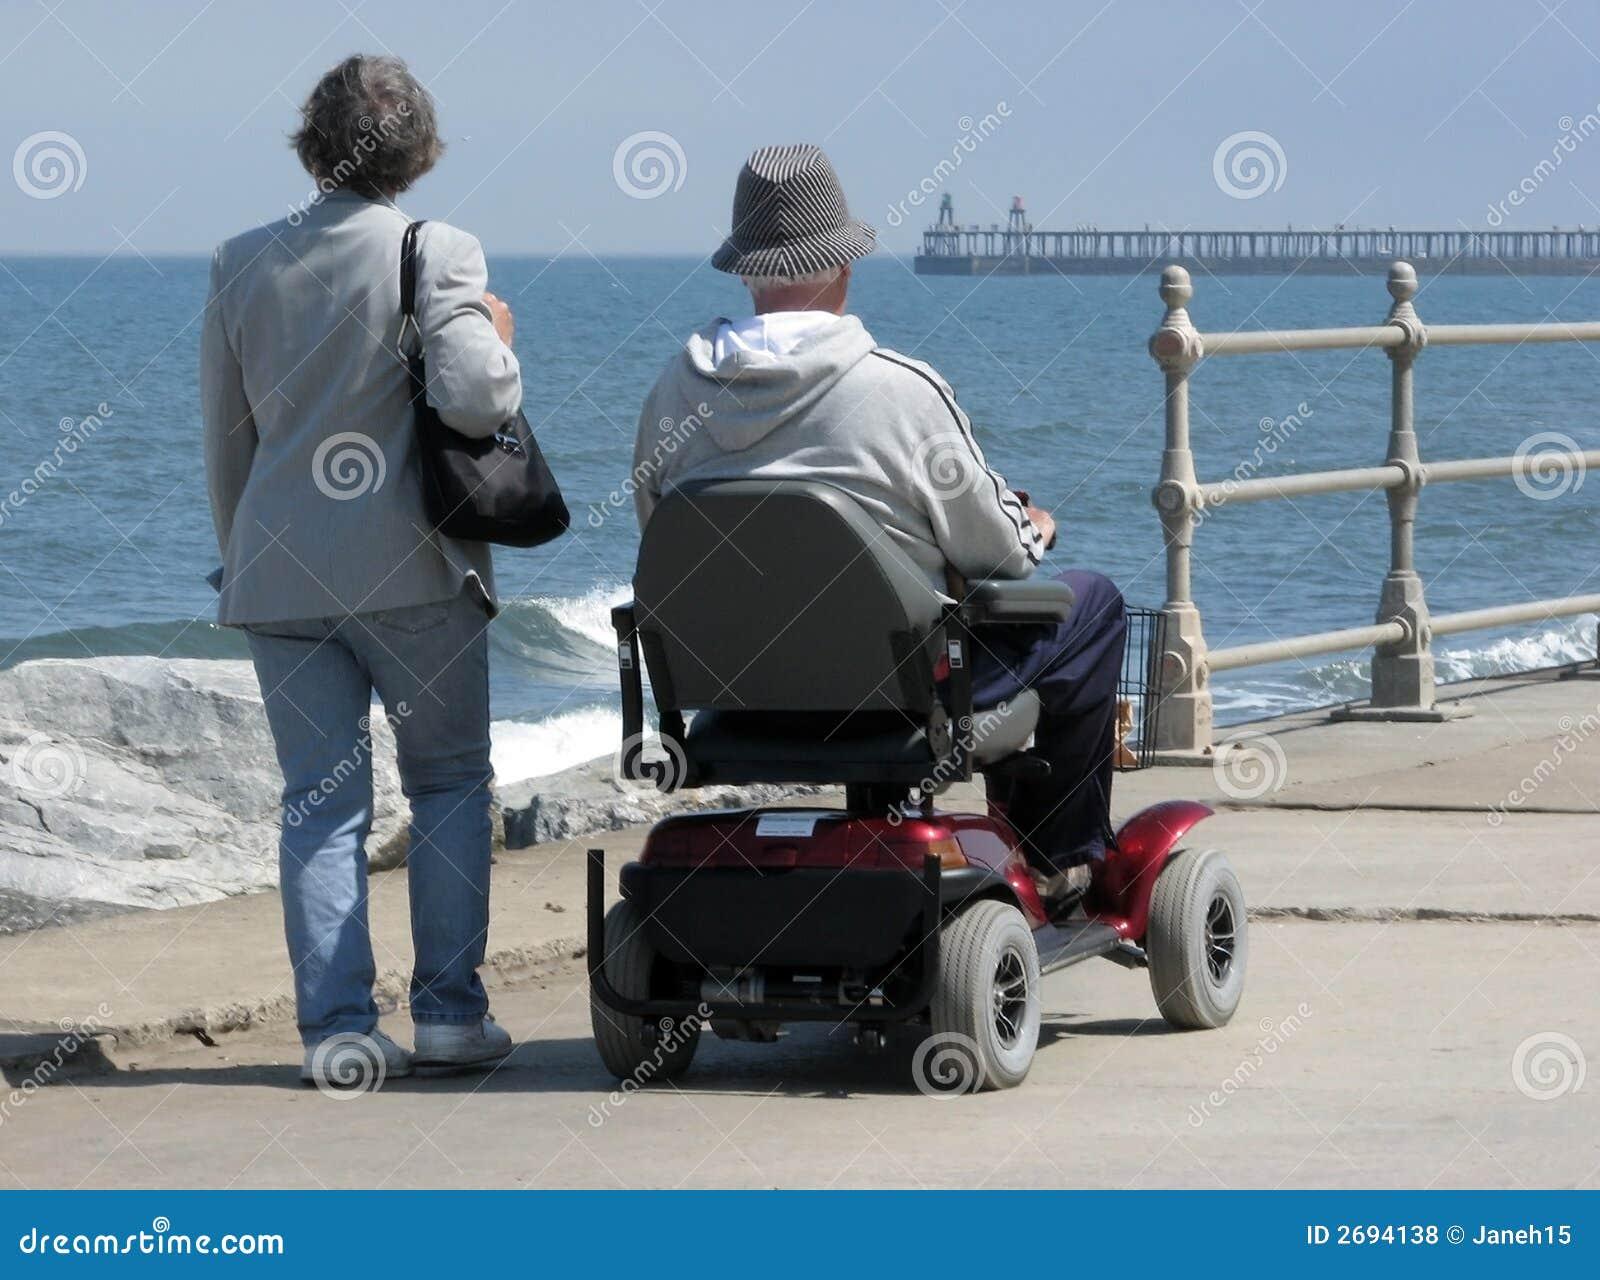 Utente di sedia a rotelle motorizzata fotografie stock for Vecchio in sedia a rotelle